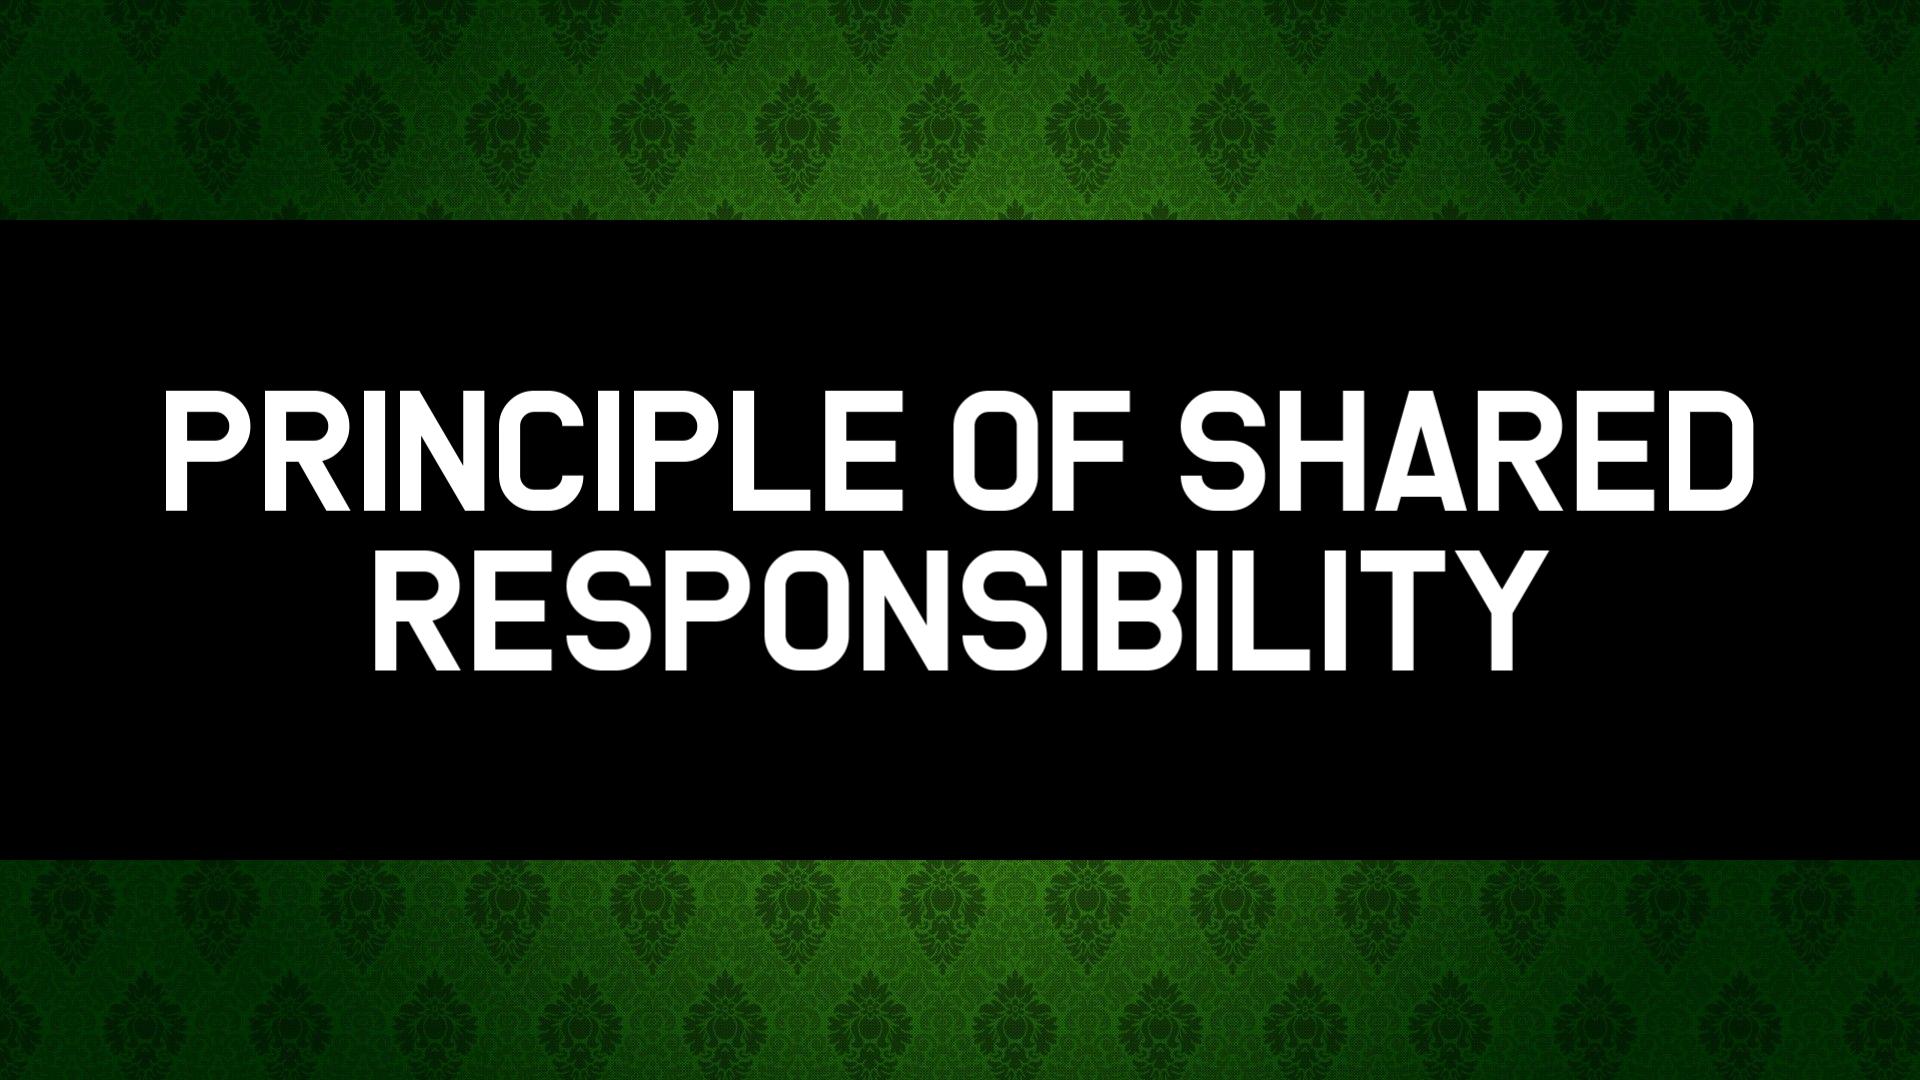 630658524_PrincipleofSharedresponsibility.png.a890516afbf1e32b7142d6fc6ae4dfa8.png